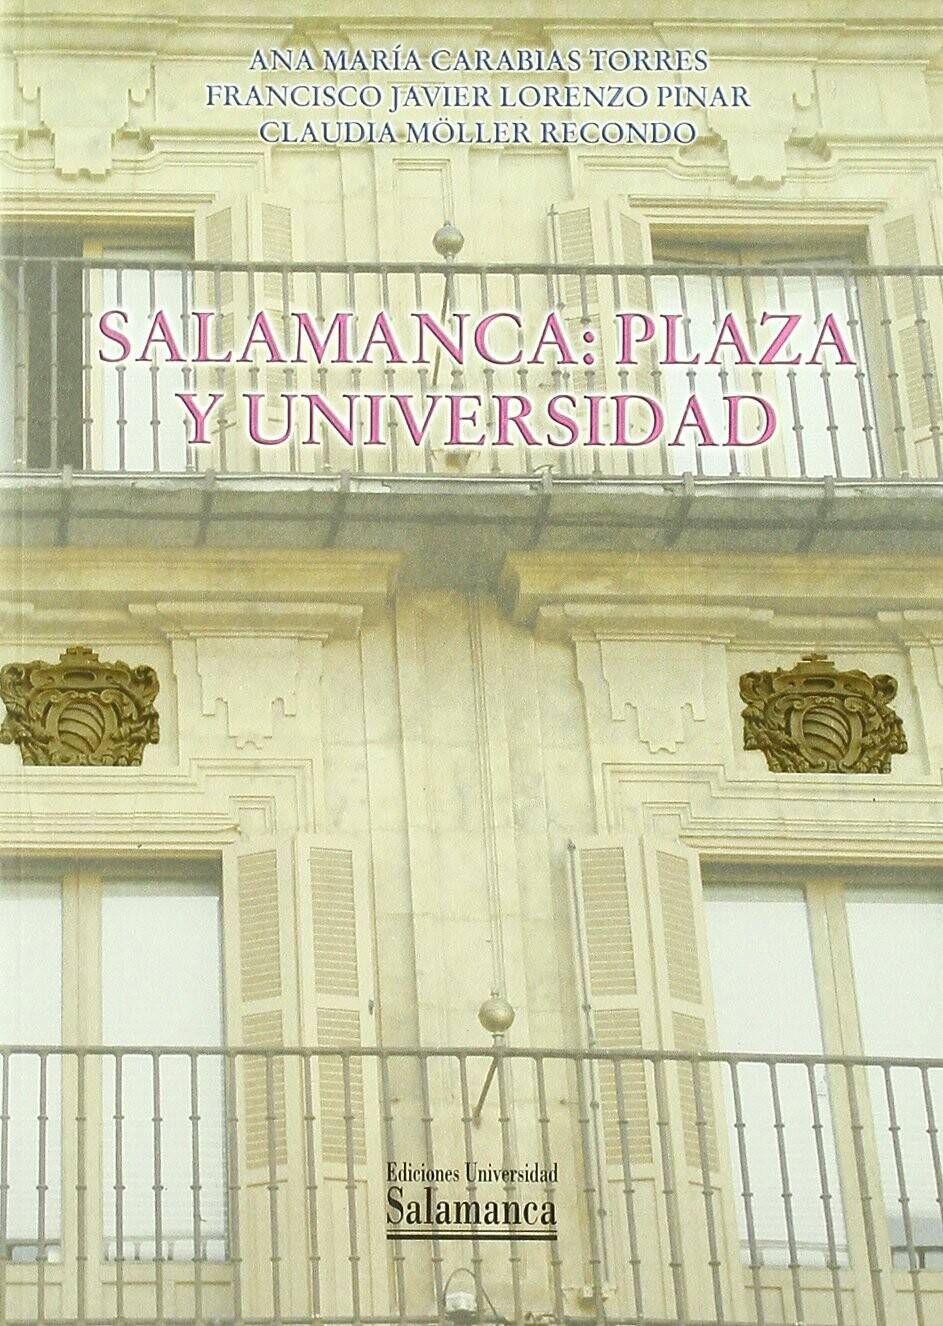 Salamanca: Plaza y Universidad